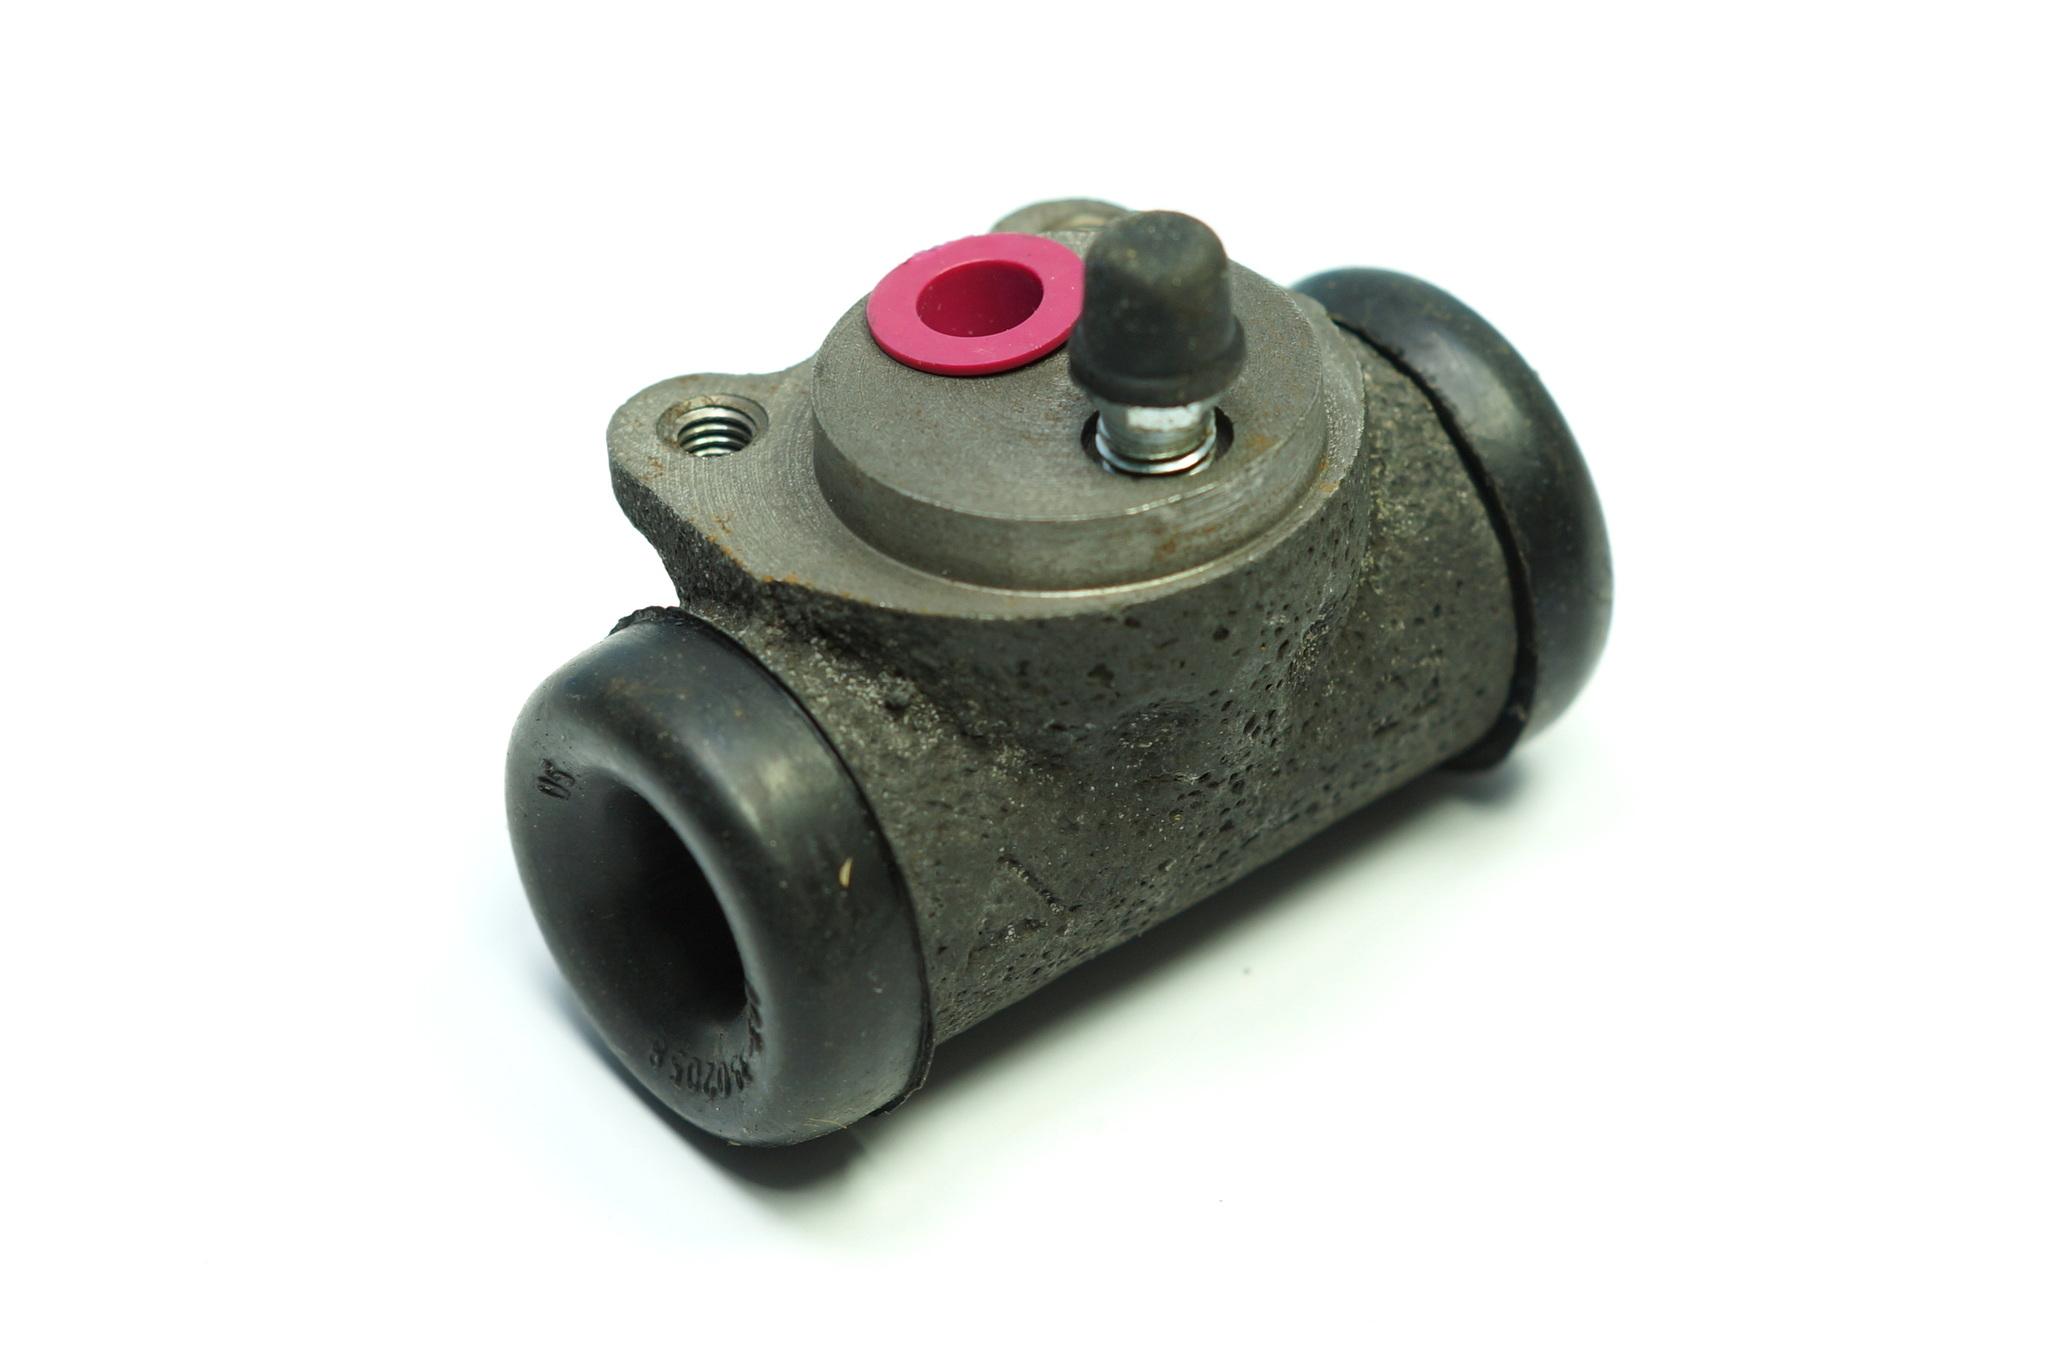 Замена тормозного цилиндра на своем автомобиле без помощи профессионалов